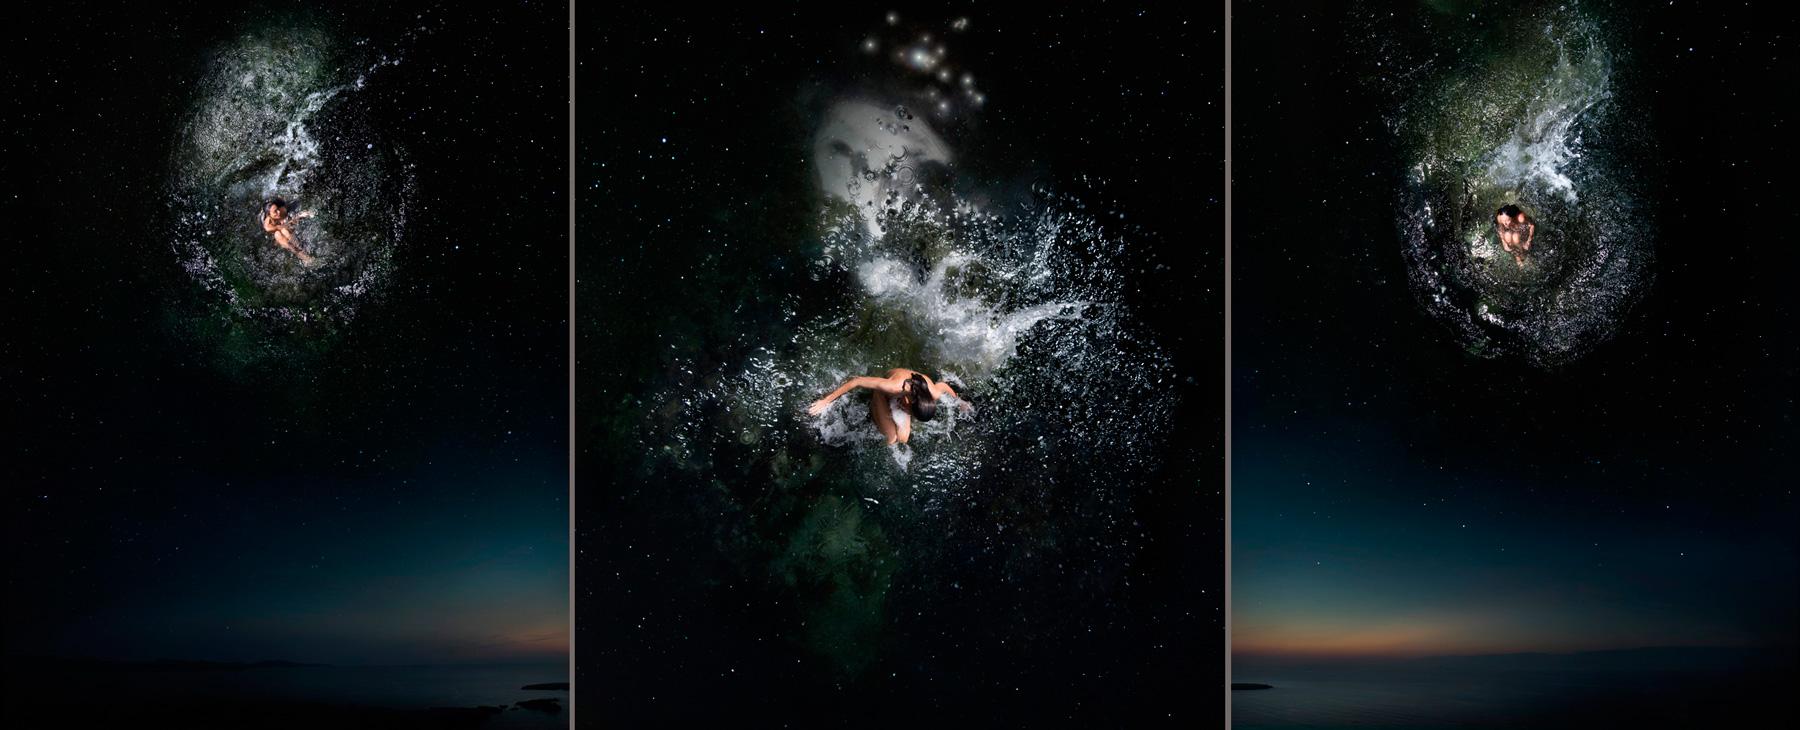 EUFONÍA de la Constelación de TAURO. Fotografía digital nocturna y acuática. Configuración y retoque digitales